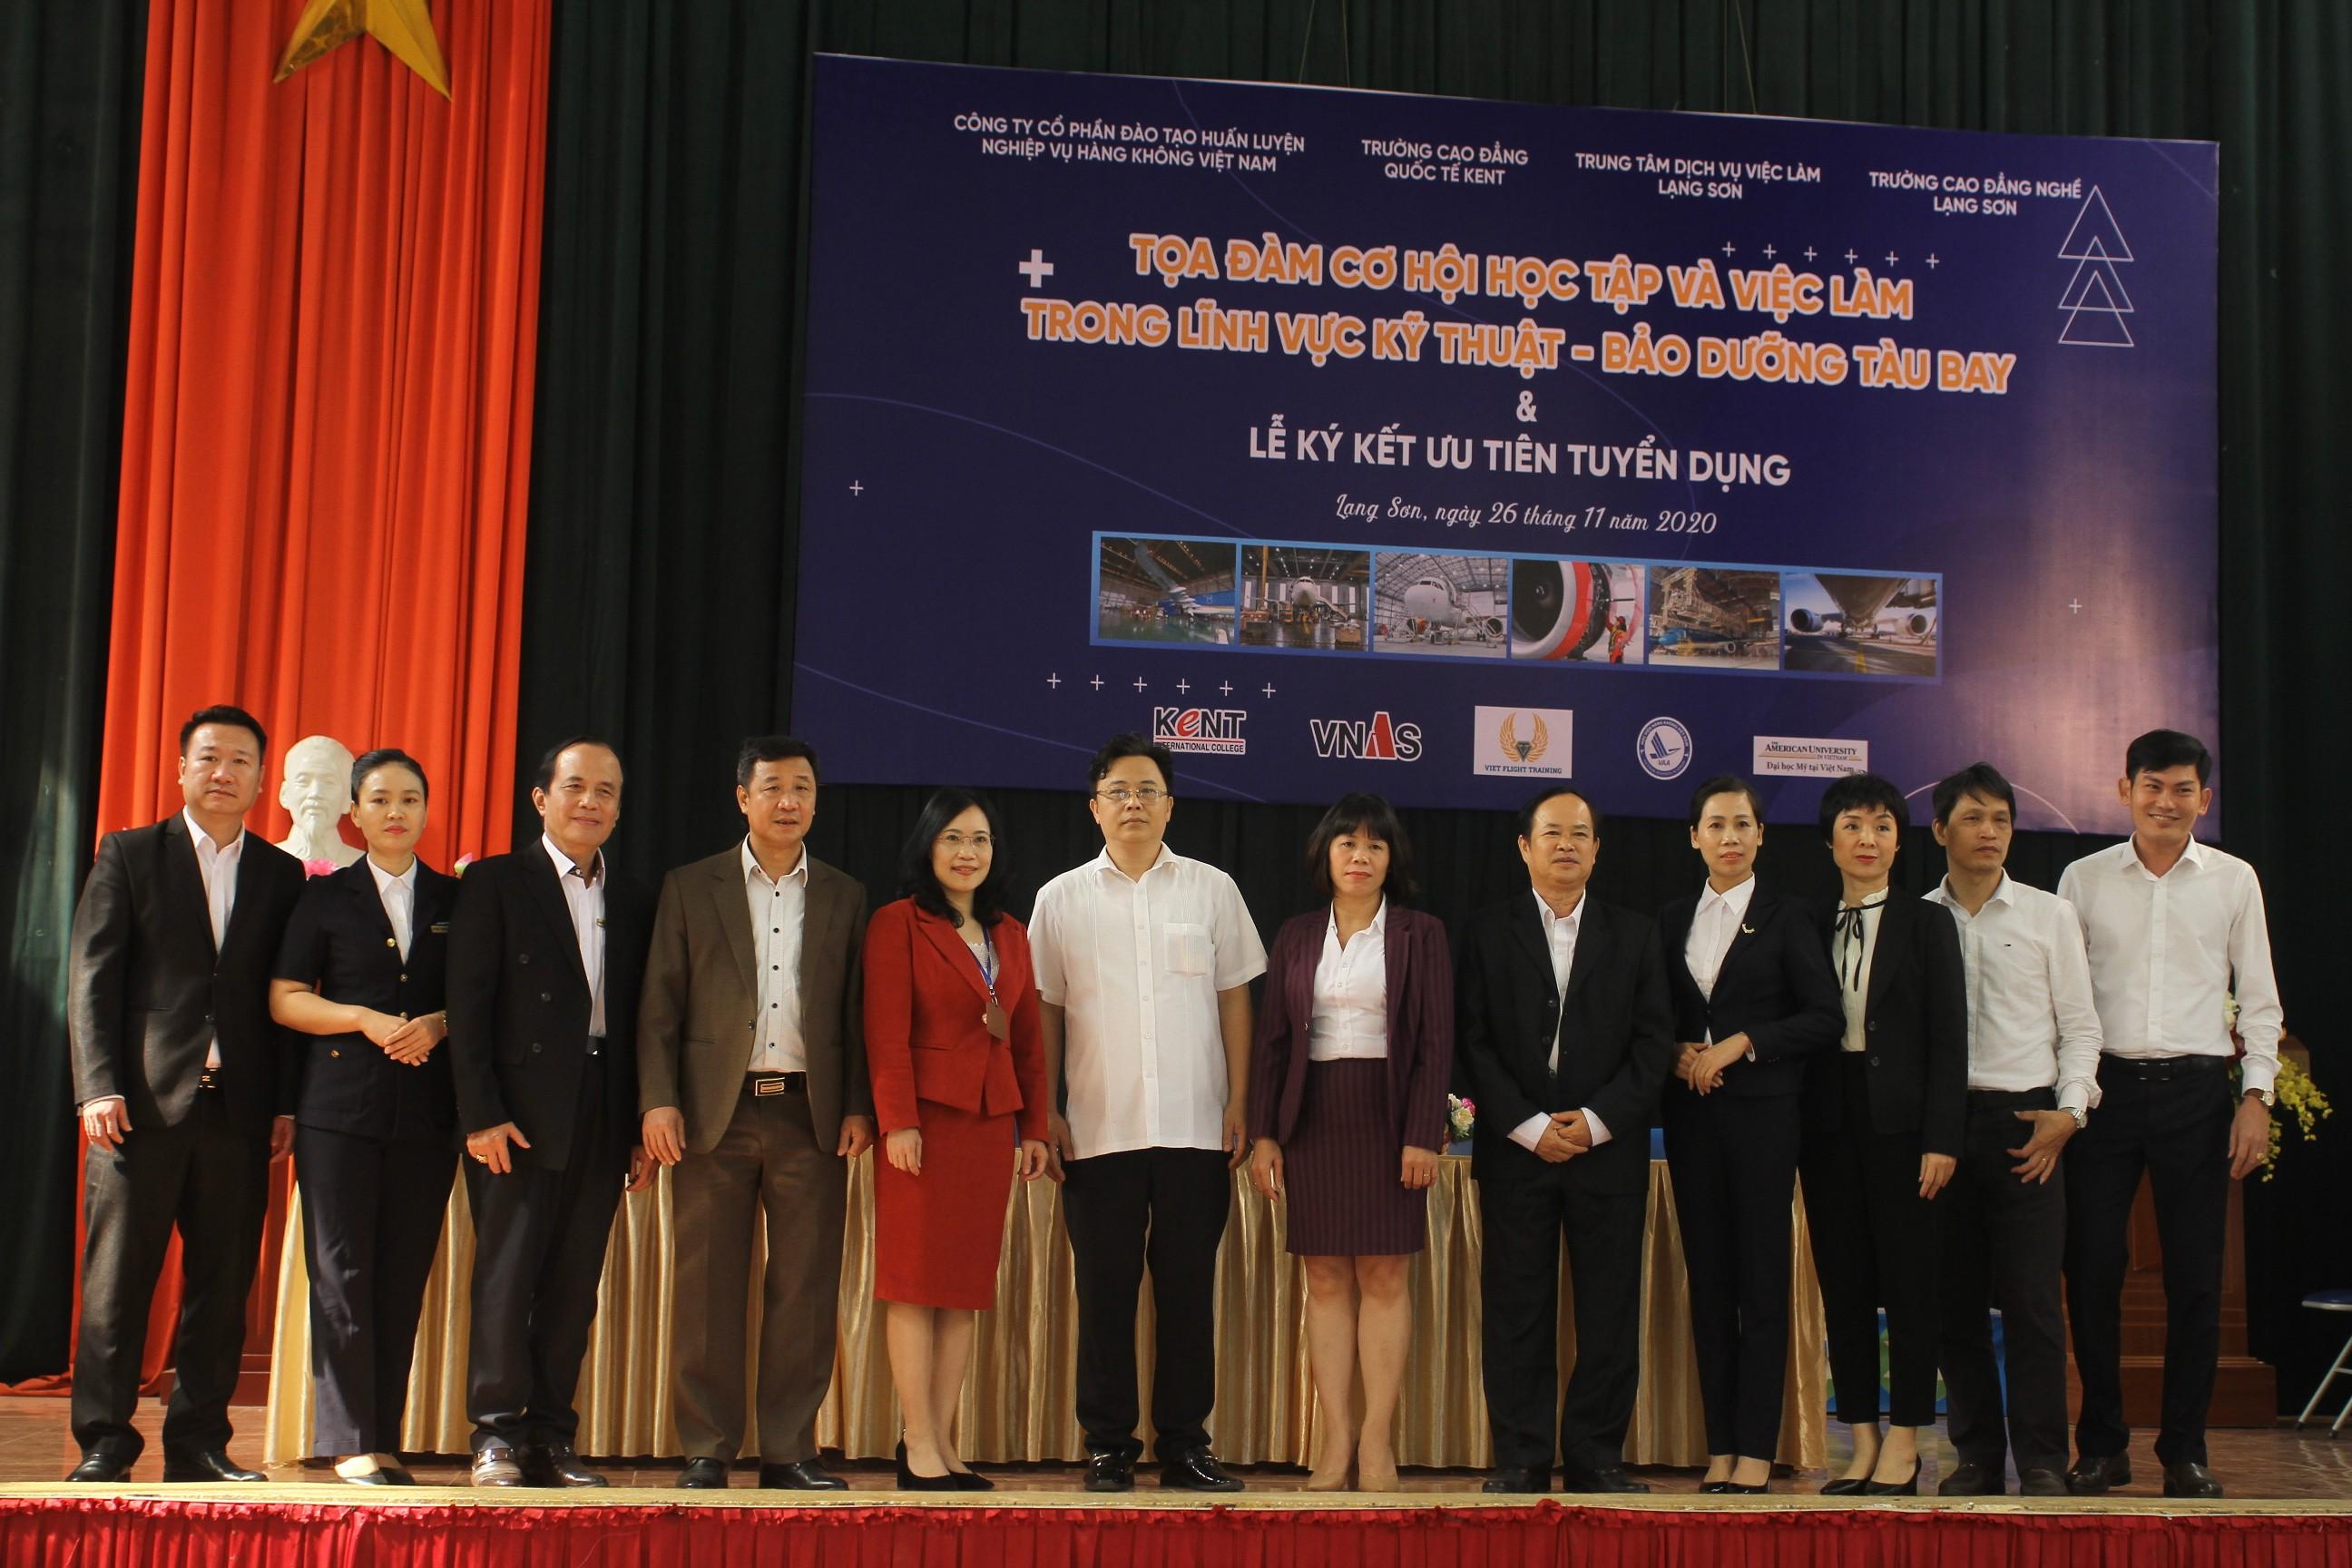 VNAS hợp tác trong tuyển sinh, liên kết đào tạo nghề hàng không gắn với thực tế - cơ hội việc làm trên địa bàn tỉnh Lạng Sơn